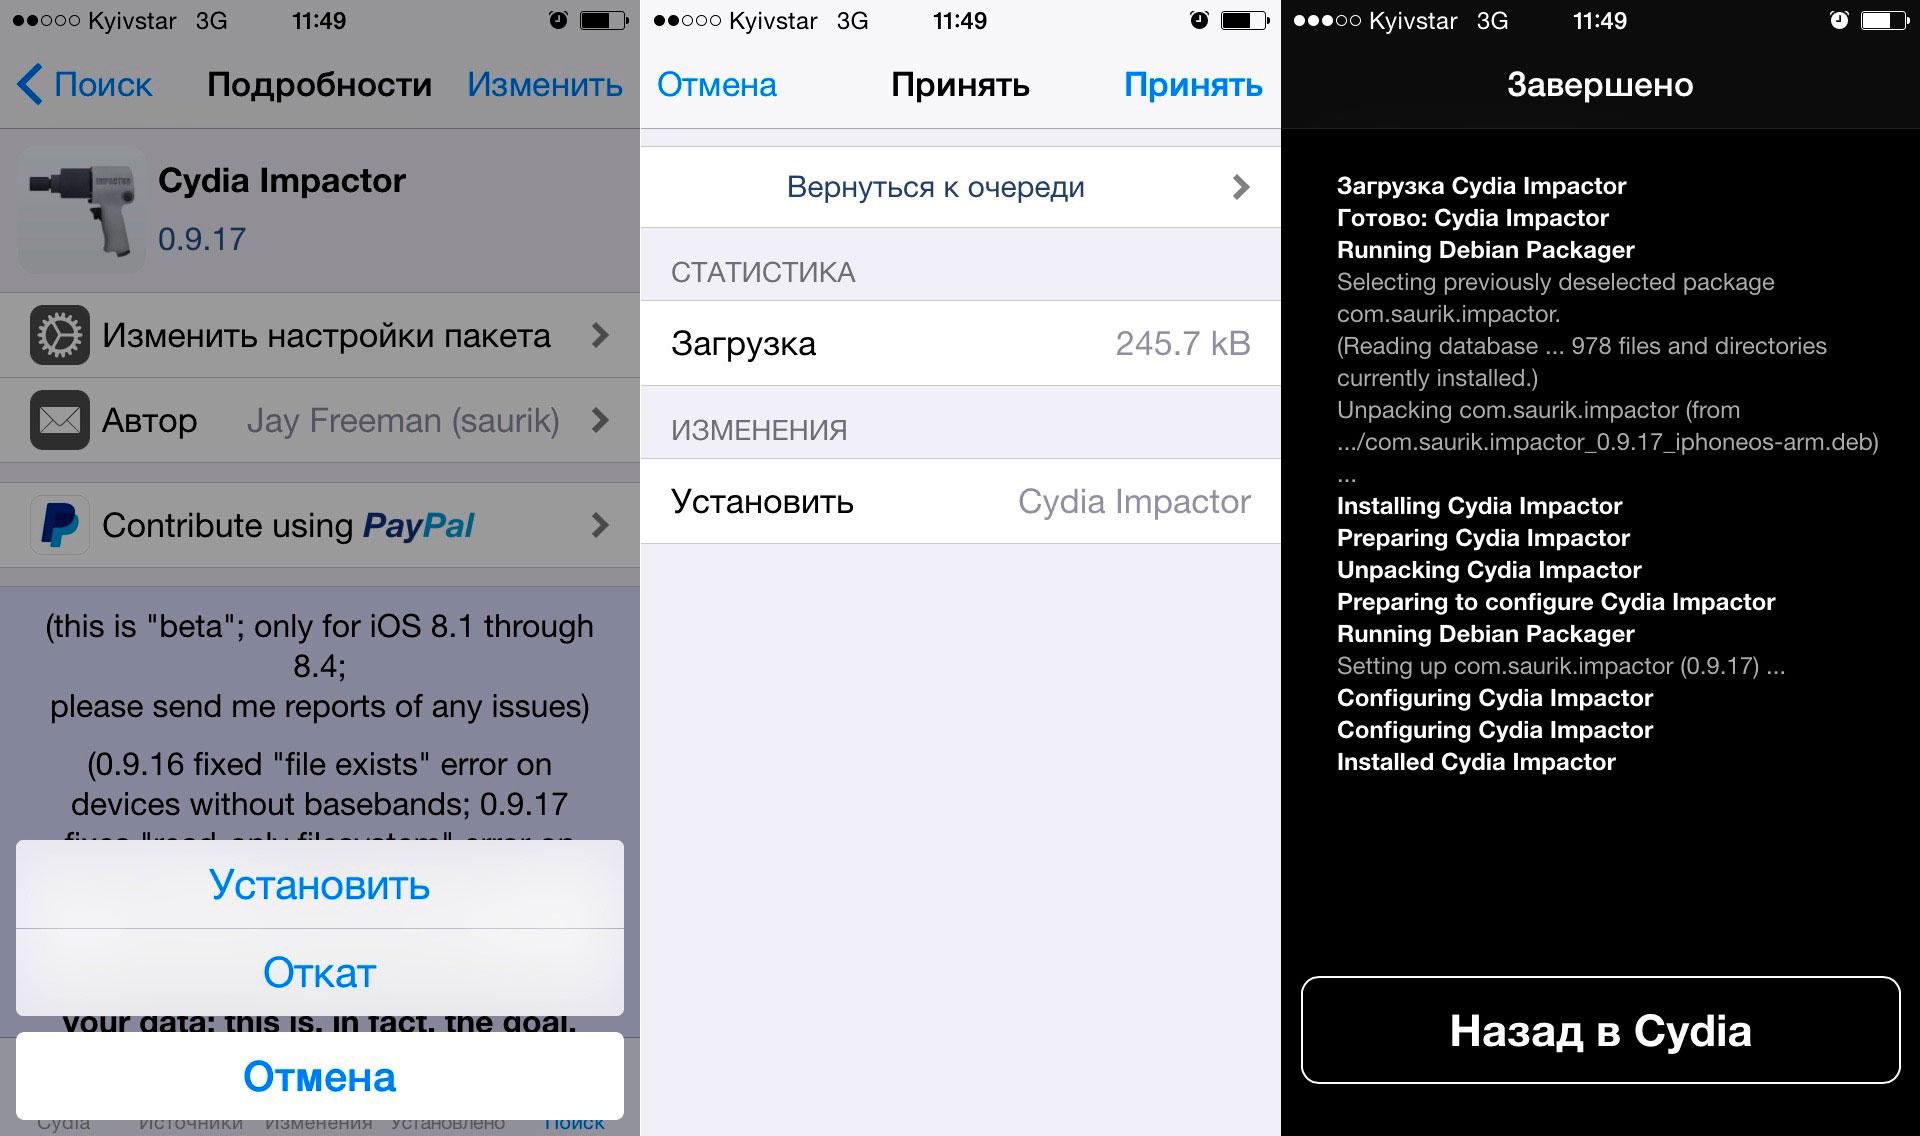 Как сделать резервную копию iphone с айфона 816